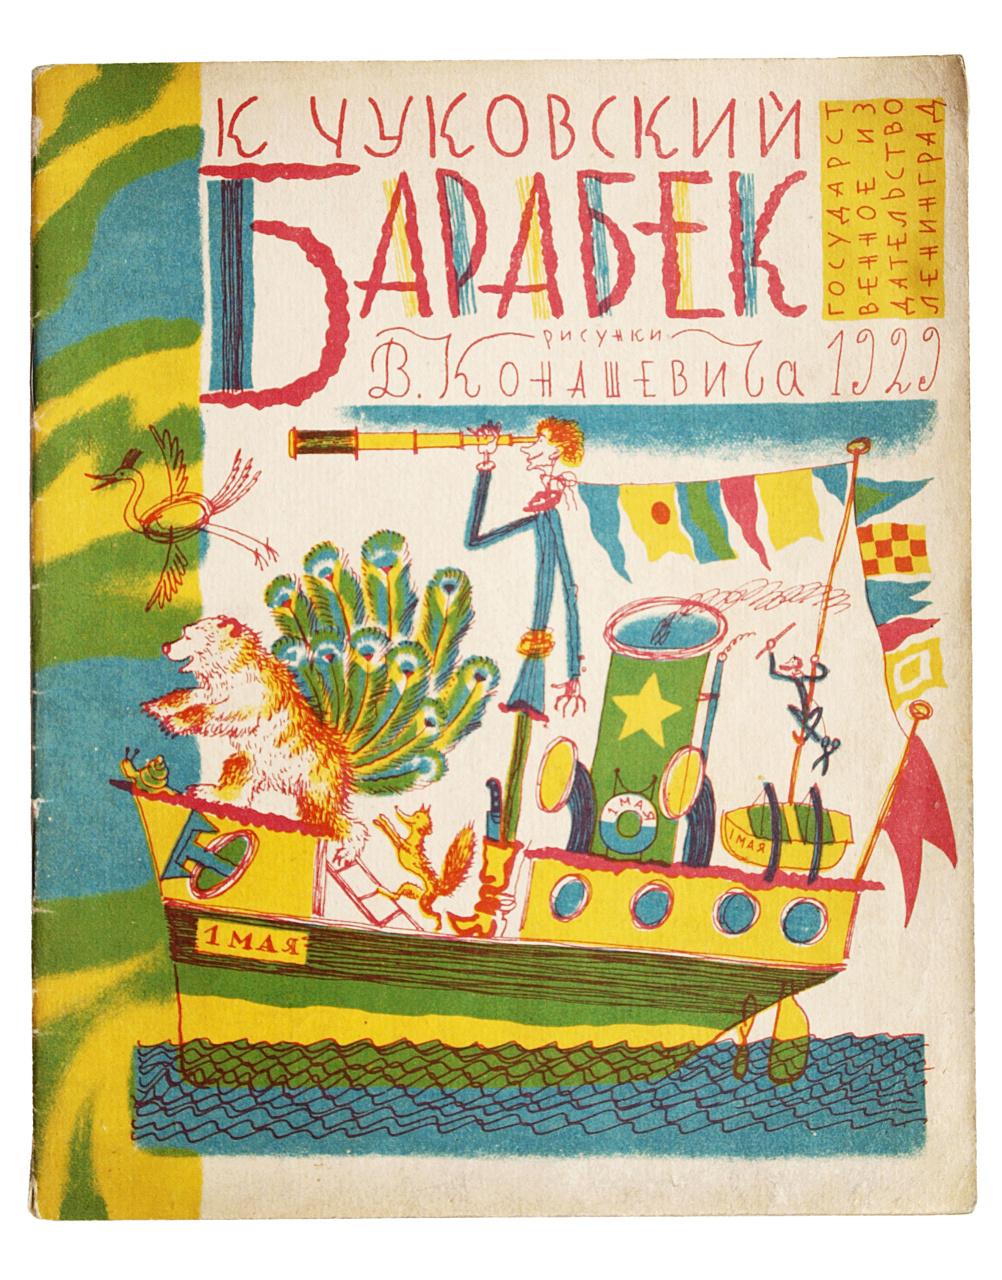 Baradek